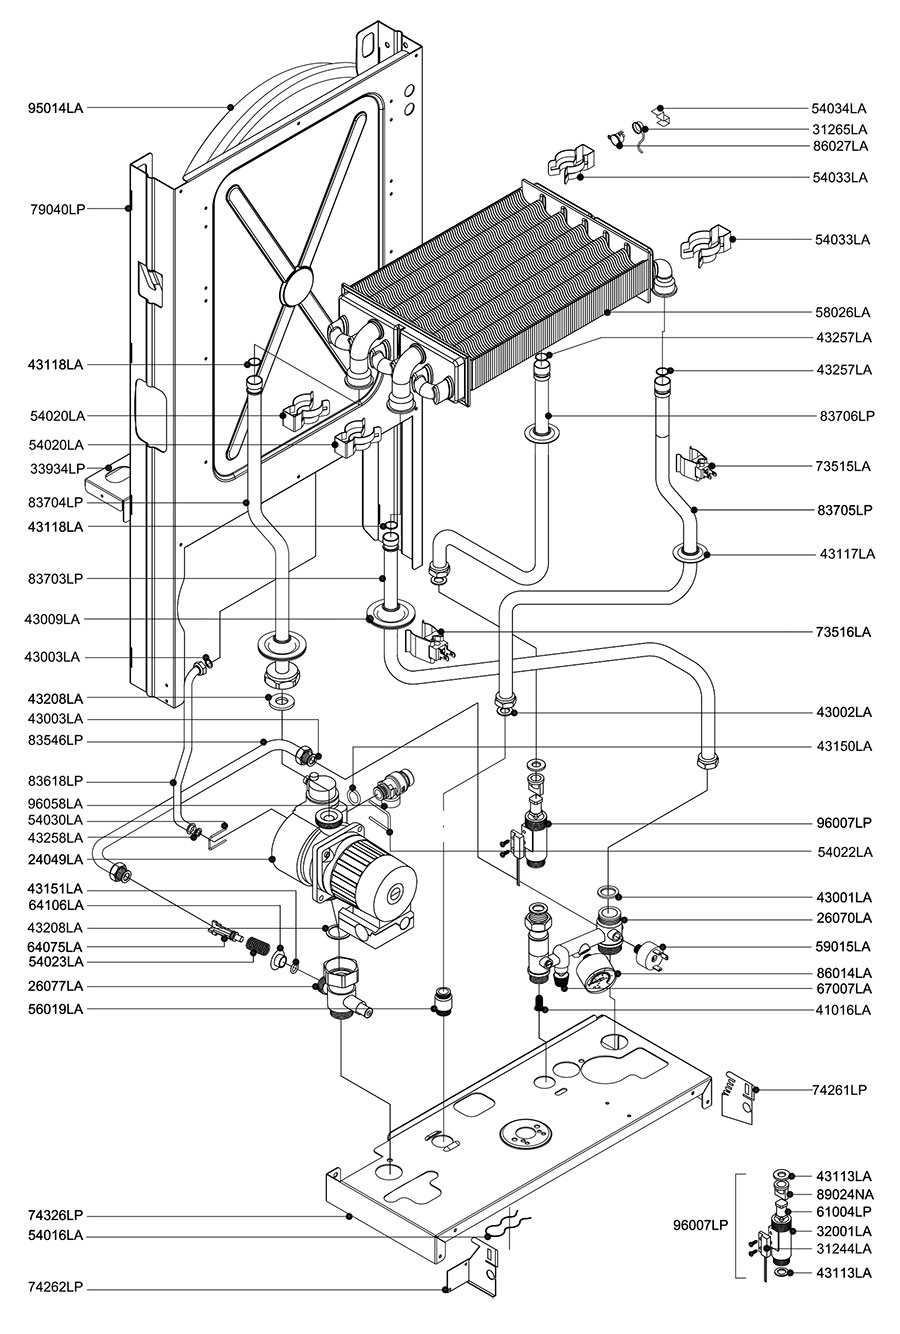 Гидравлическая часть двухконтурного котла Альфа-Калор АОГВ 24 ЗП 2007 гв